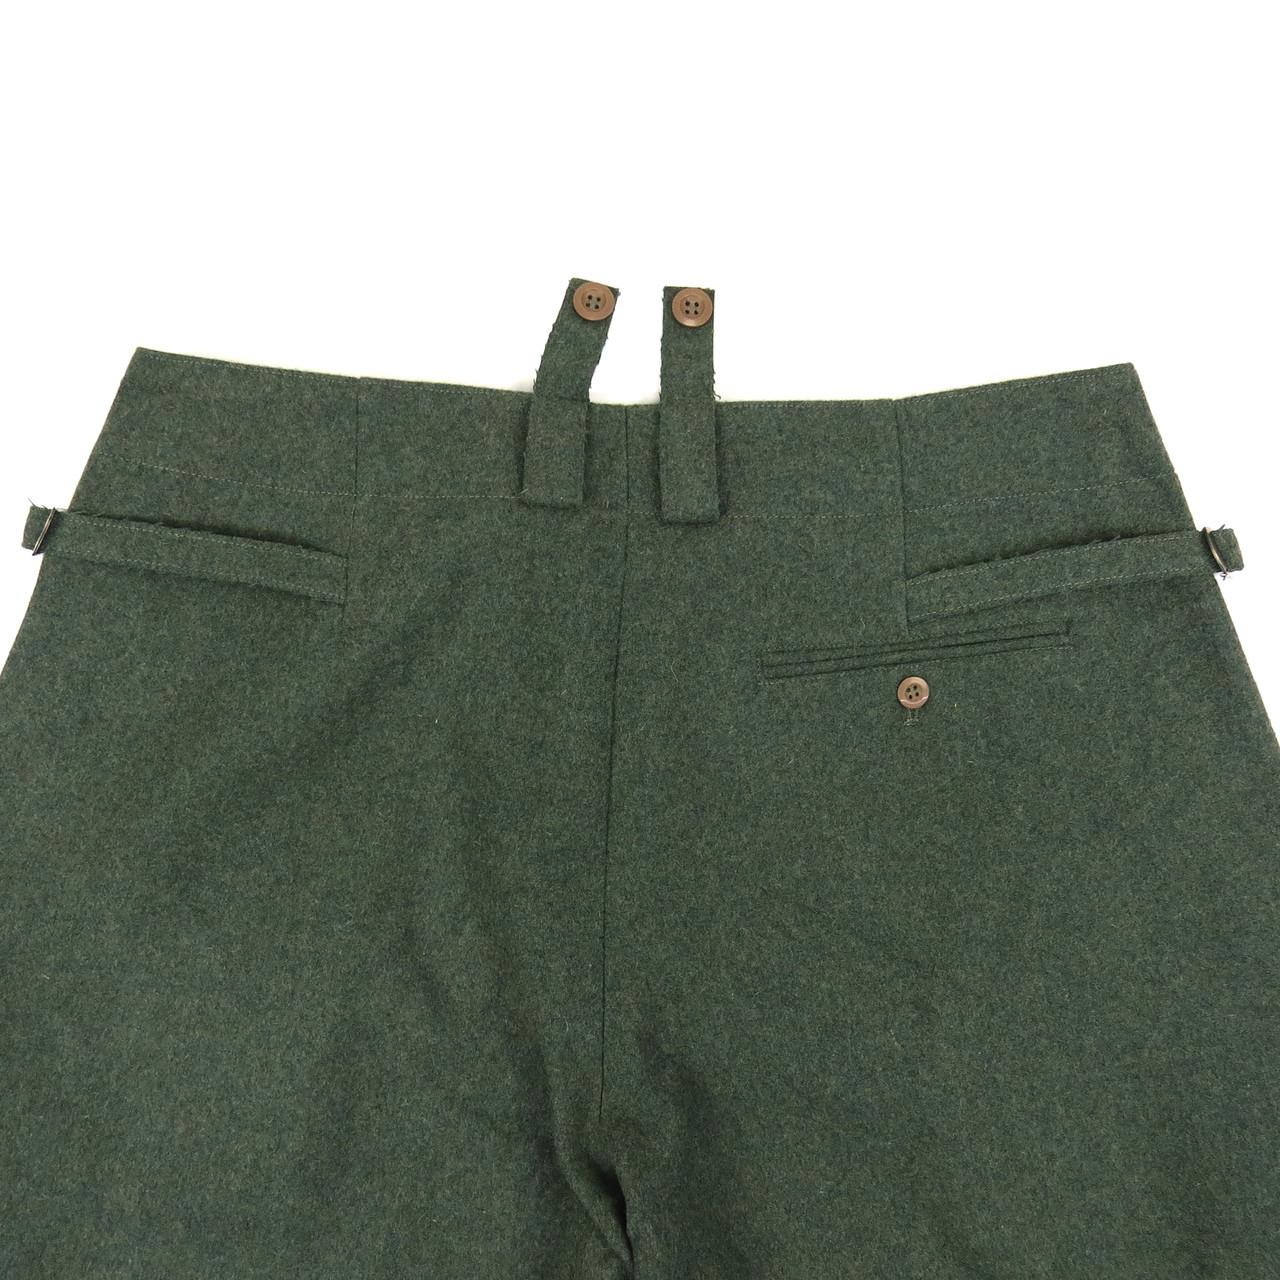 Field-grey Wool Breeches